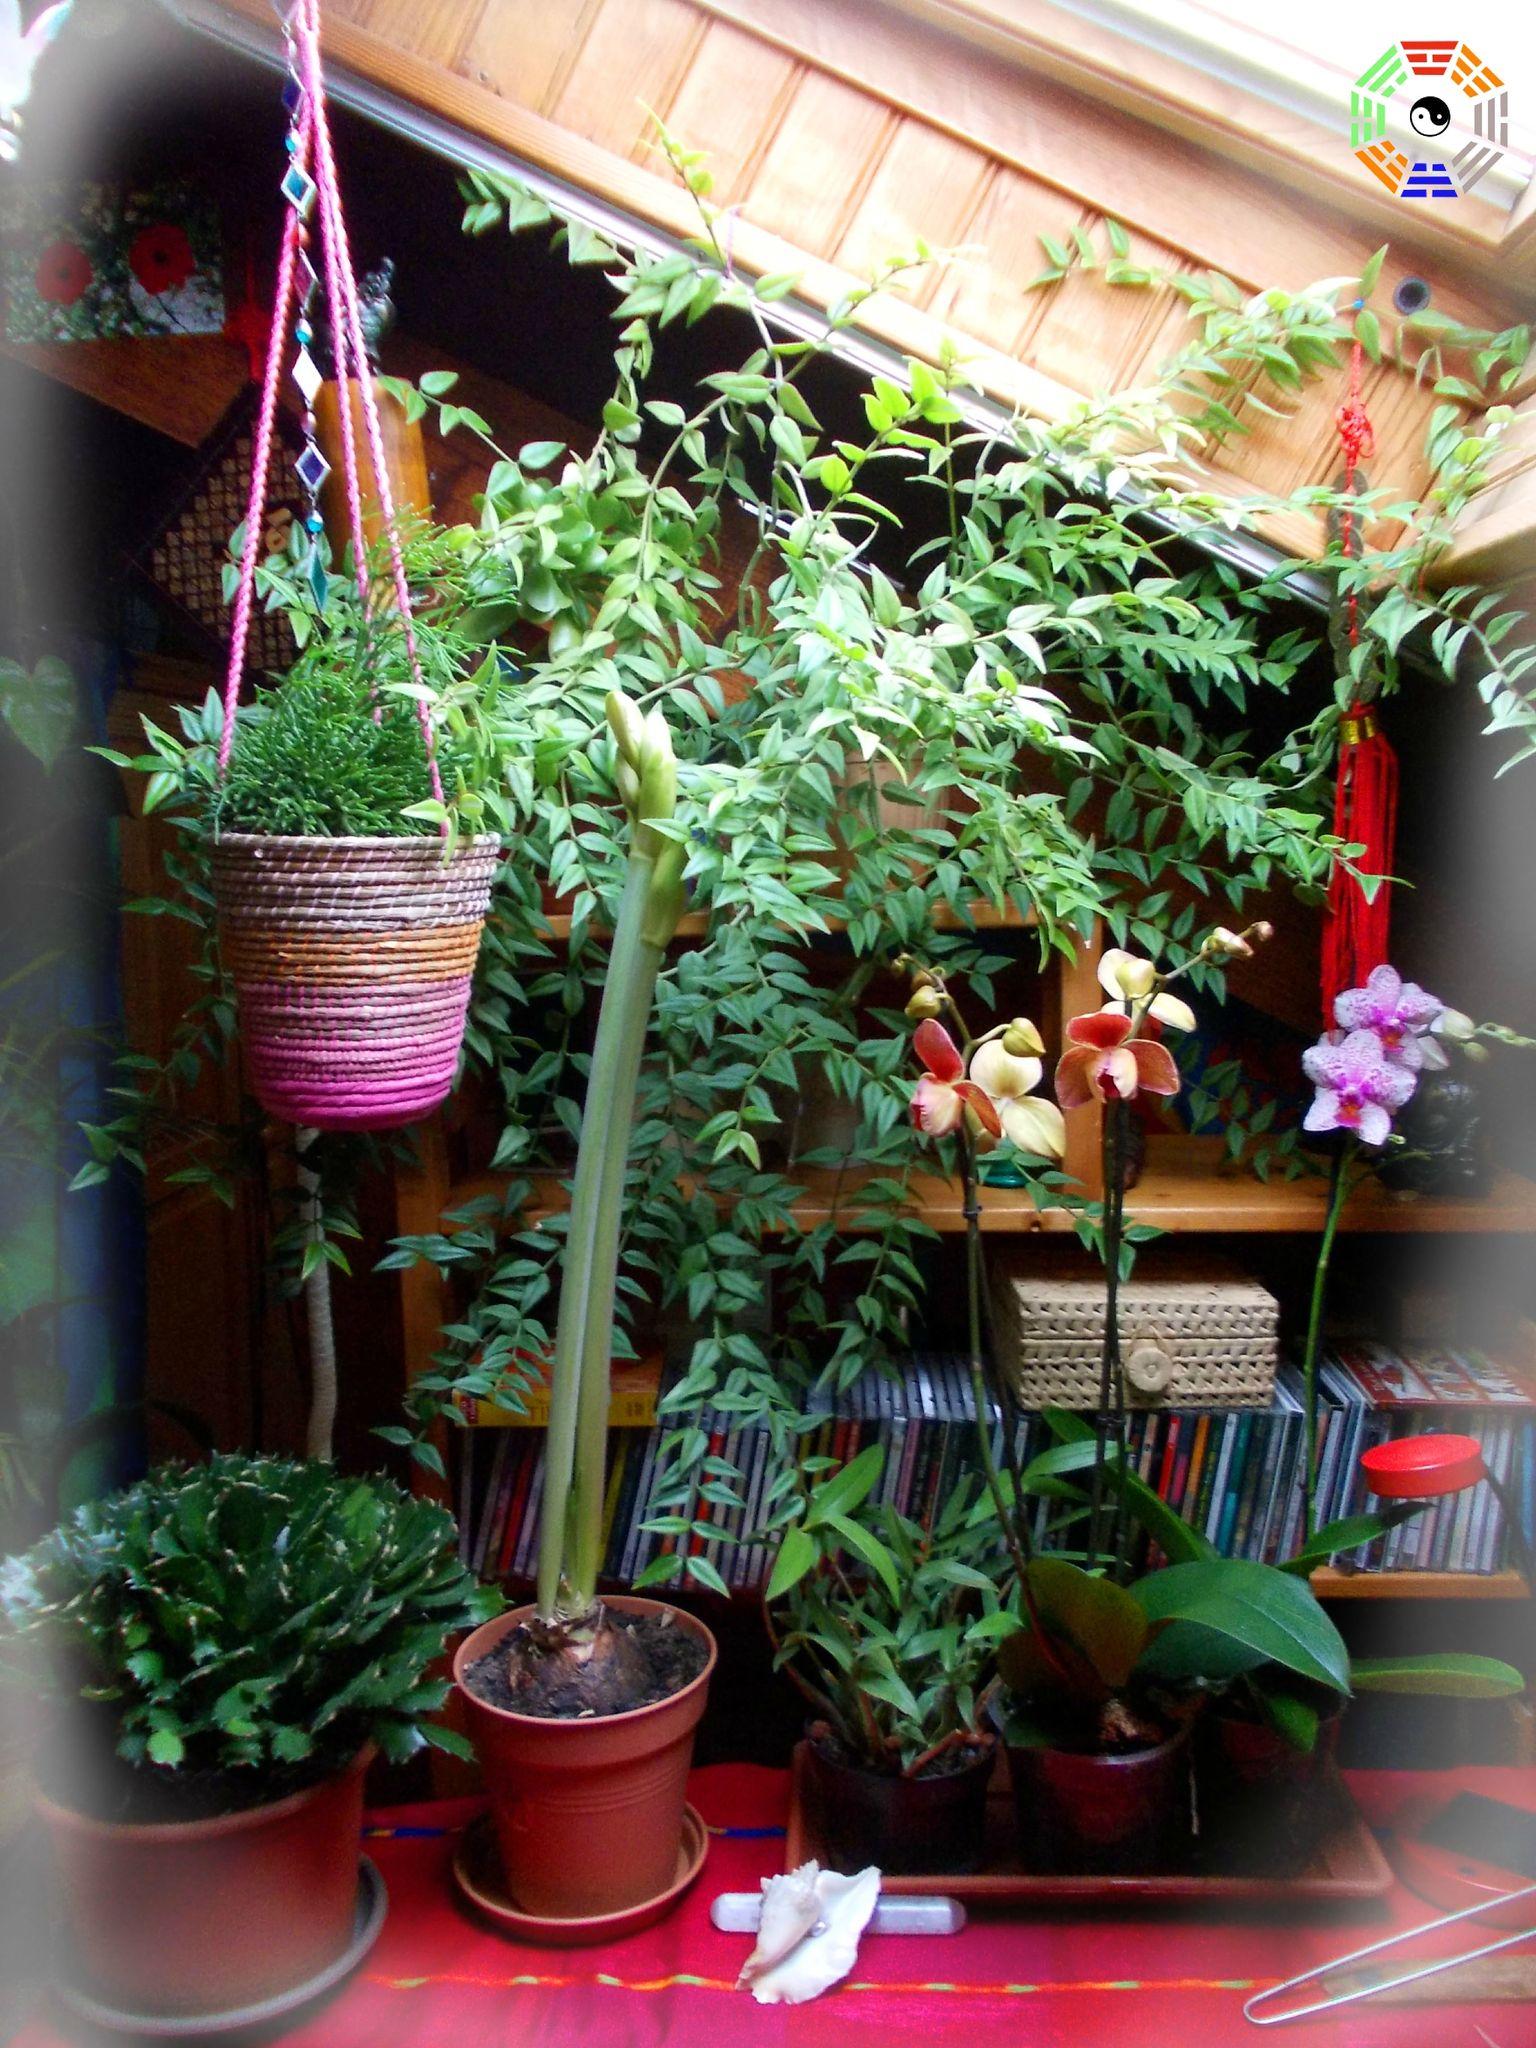 les plantes la maison une histoire de sant et de bien tre plantes paysage et feng shui. Black Bedroom Furniture Sets. Home Design Ideas